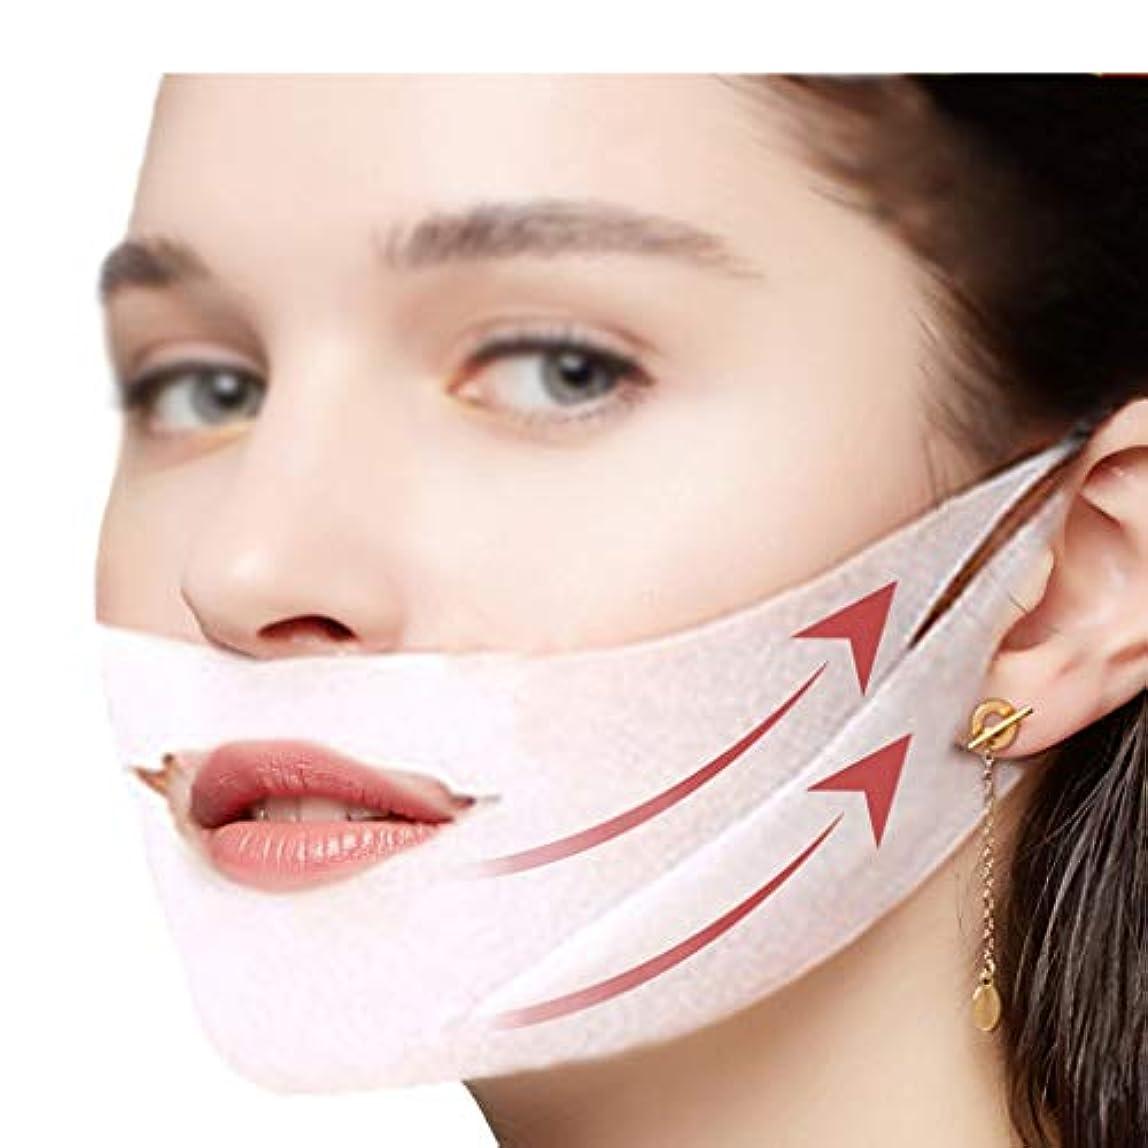 限られた検出するビタミンXHLMRMJ フェイスリフティングマスク、ハンギングイヤーマスク、リフティングアンドタイトニングトゥザローパターンダブルチンステッカーVフェイスバンデージ、5個/箱、4箱